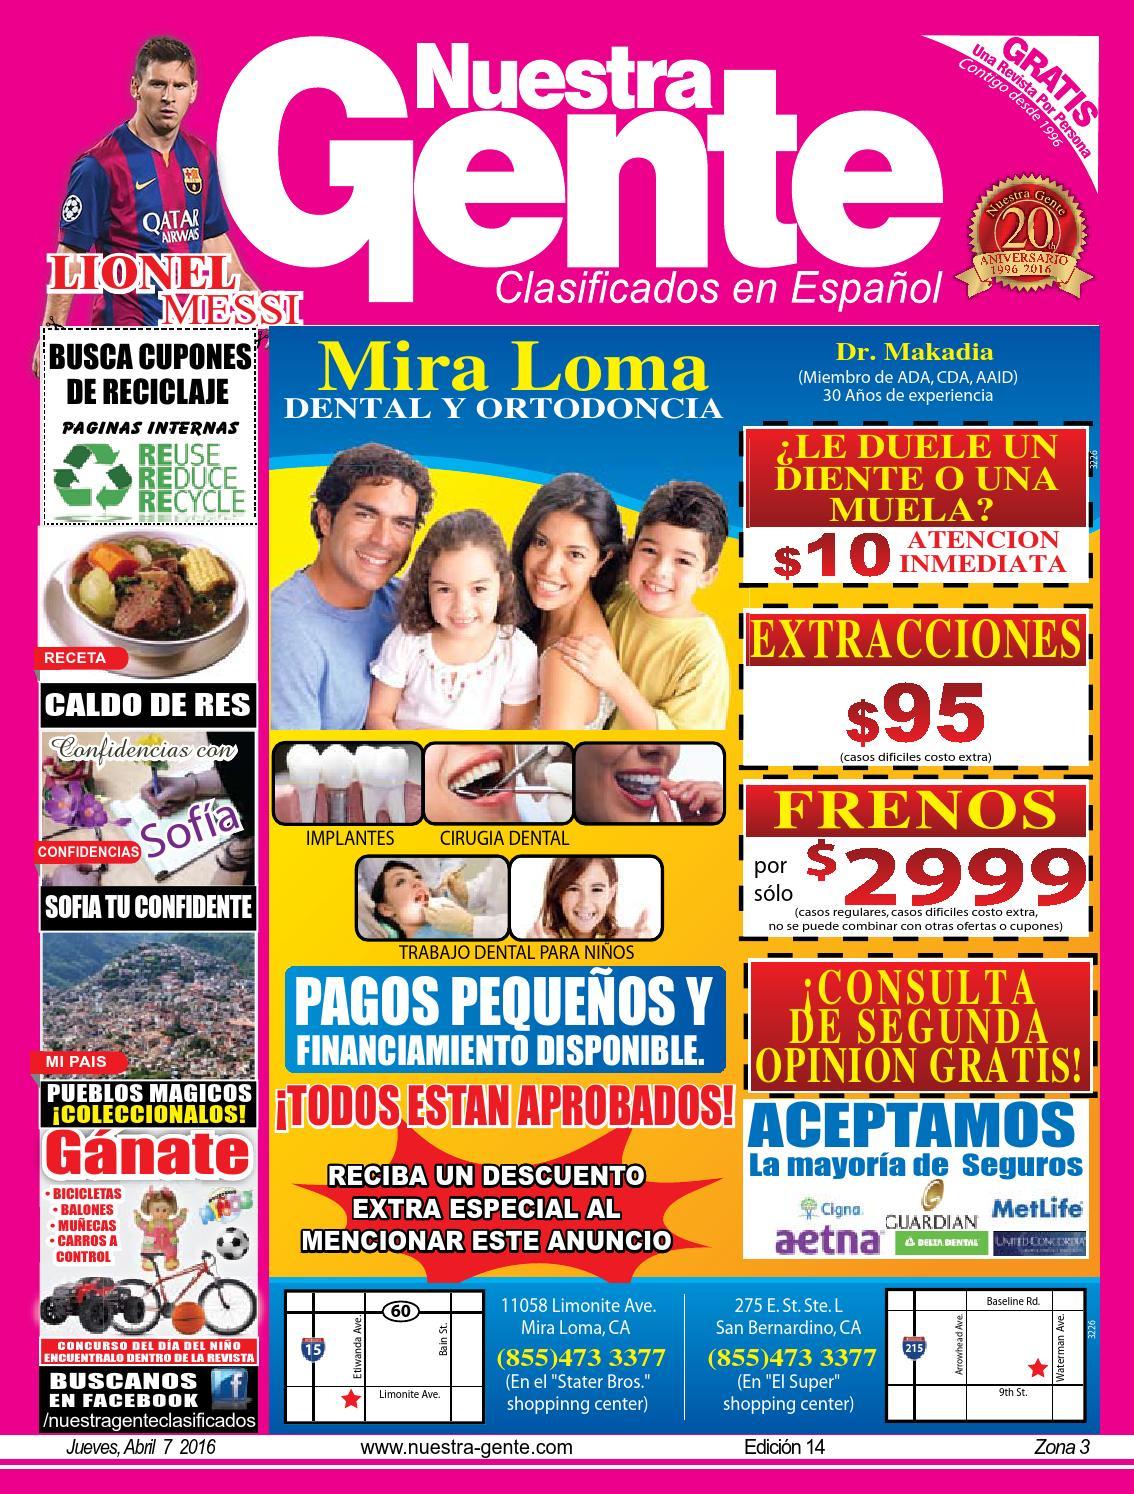 Nuestra Gente 2016 Edicion 14 Zona 3 by Nuestra Gente - issuu